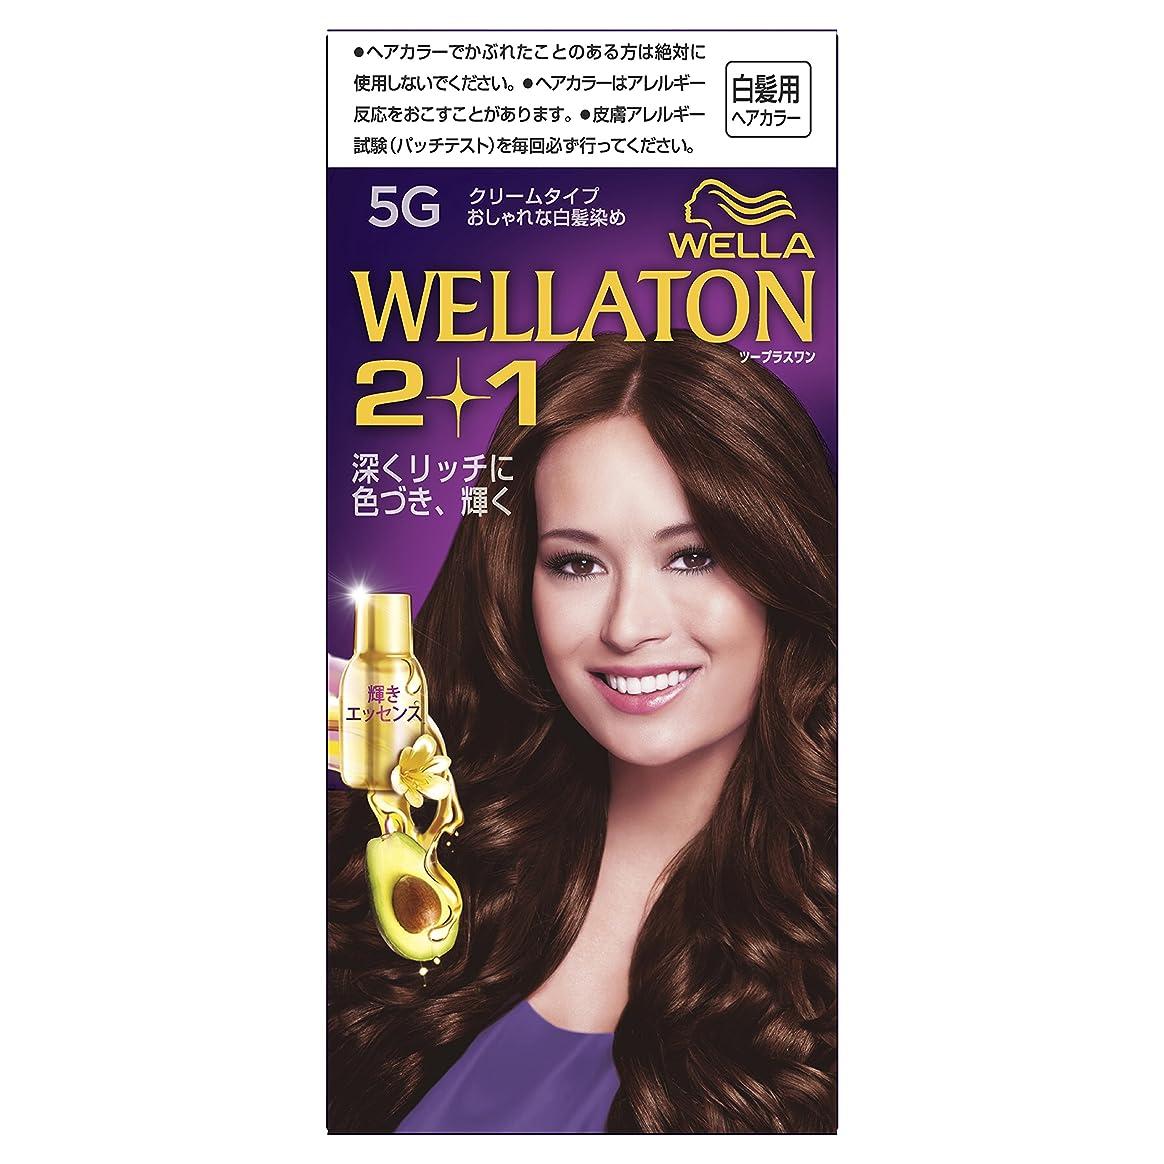 ストライプ統合する南アメリカウエラトーン2+1 クリームタイプ 5G [医薬部外品](おしゃれな白髪染め)